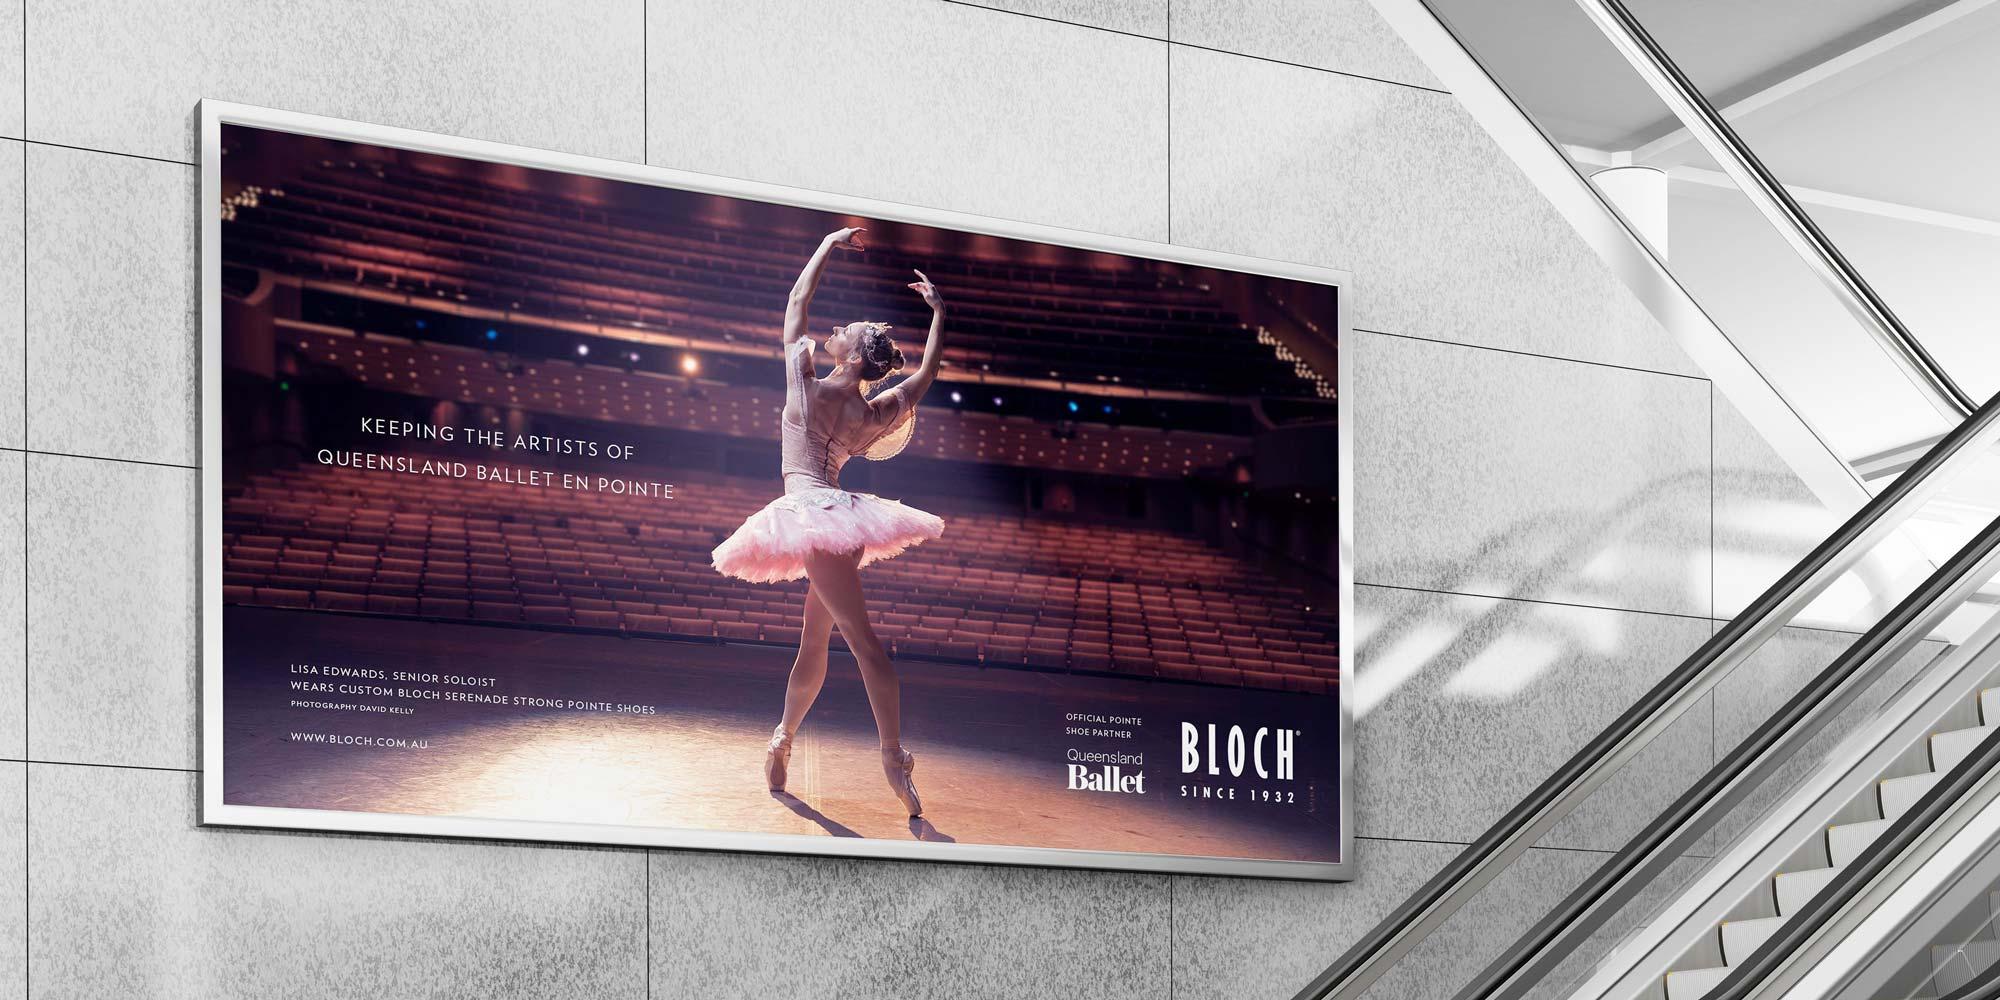 Queensland Ballet billboard